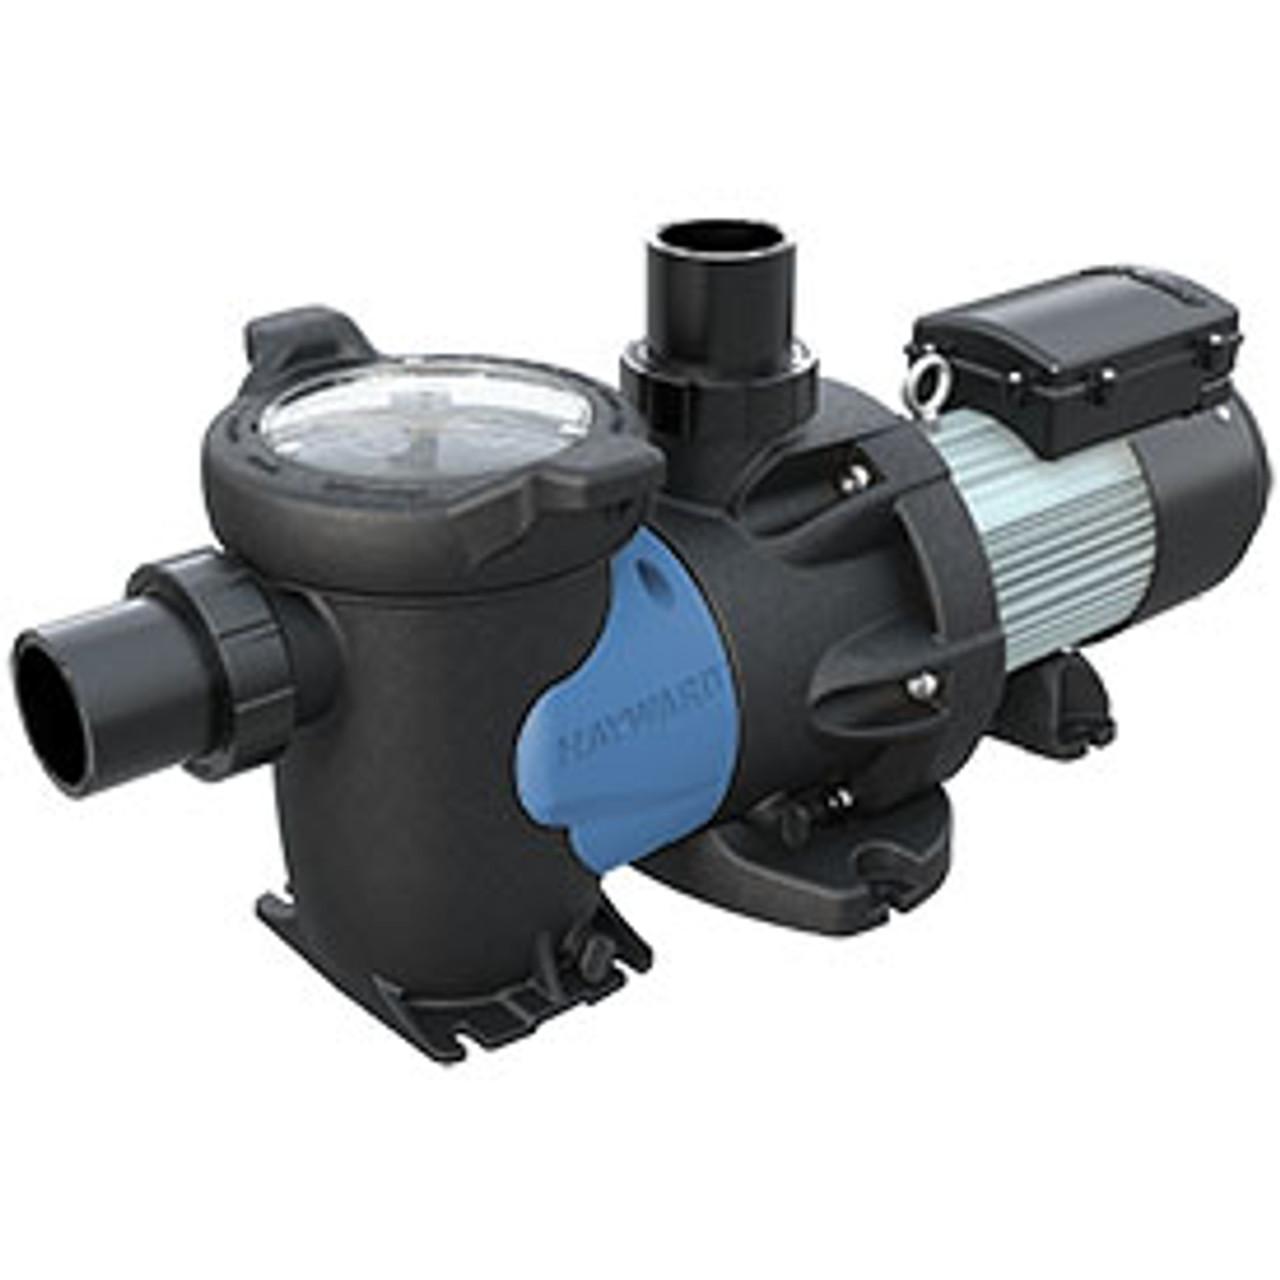 Hayward Lifestar MV Medium Head, 3 HP 3 PH Aquatic Pump (1APSES37)